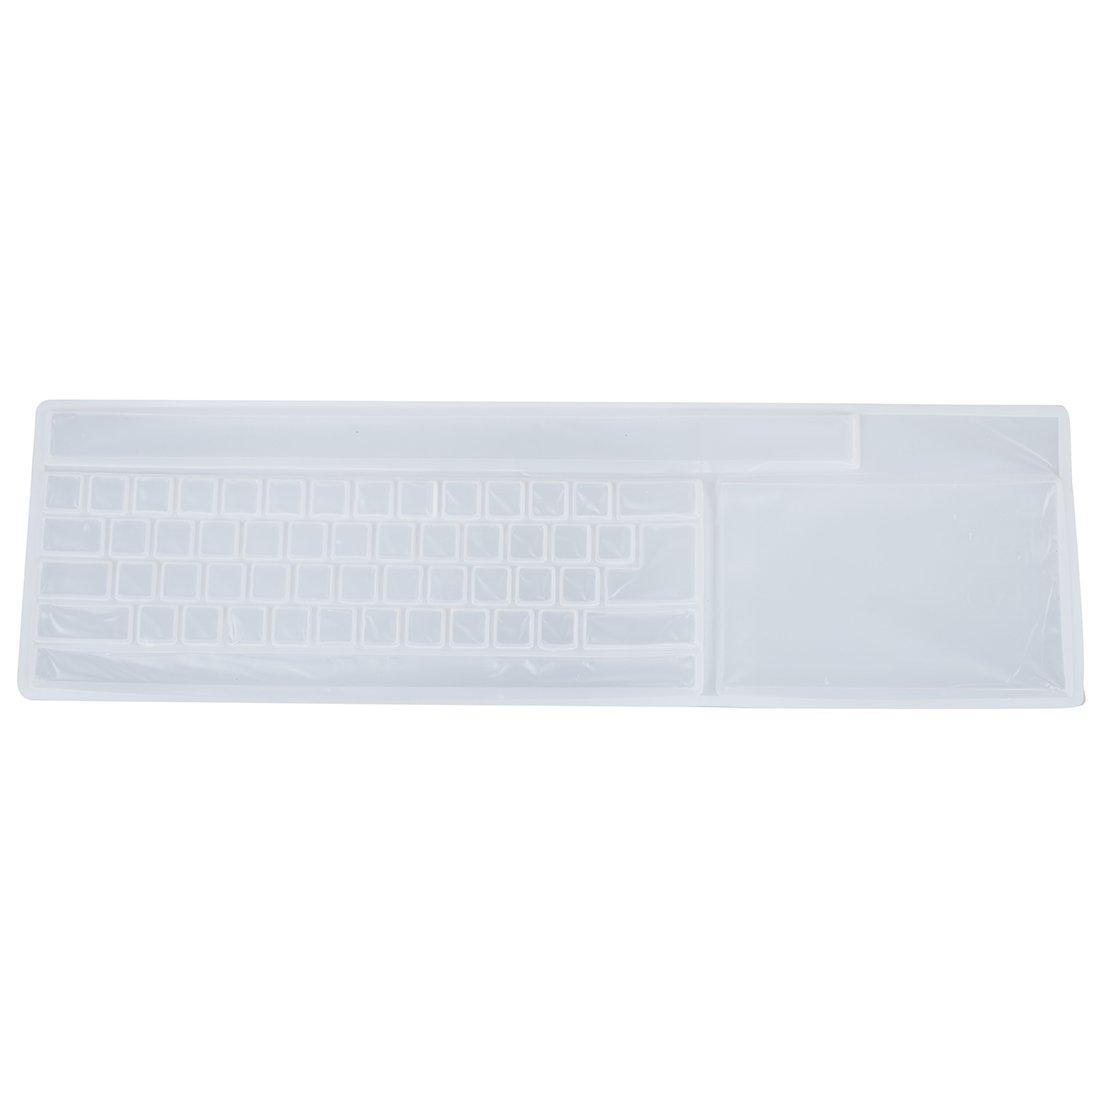 TOOGOO(R) universal protector de la cubierta de la piel del teclado para PC de escritorio del ordenador: Amazon.es: Electrónica